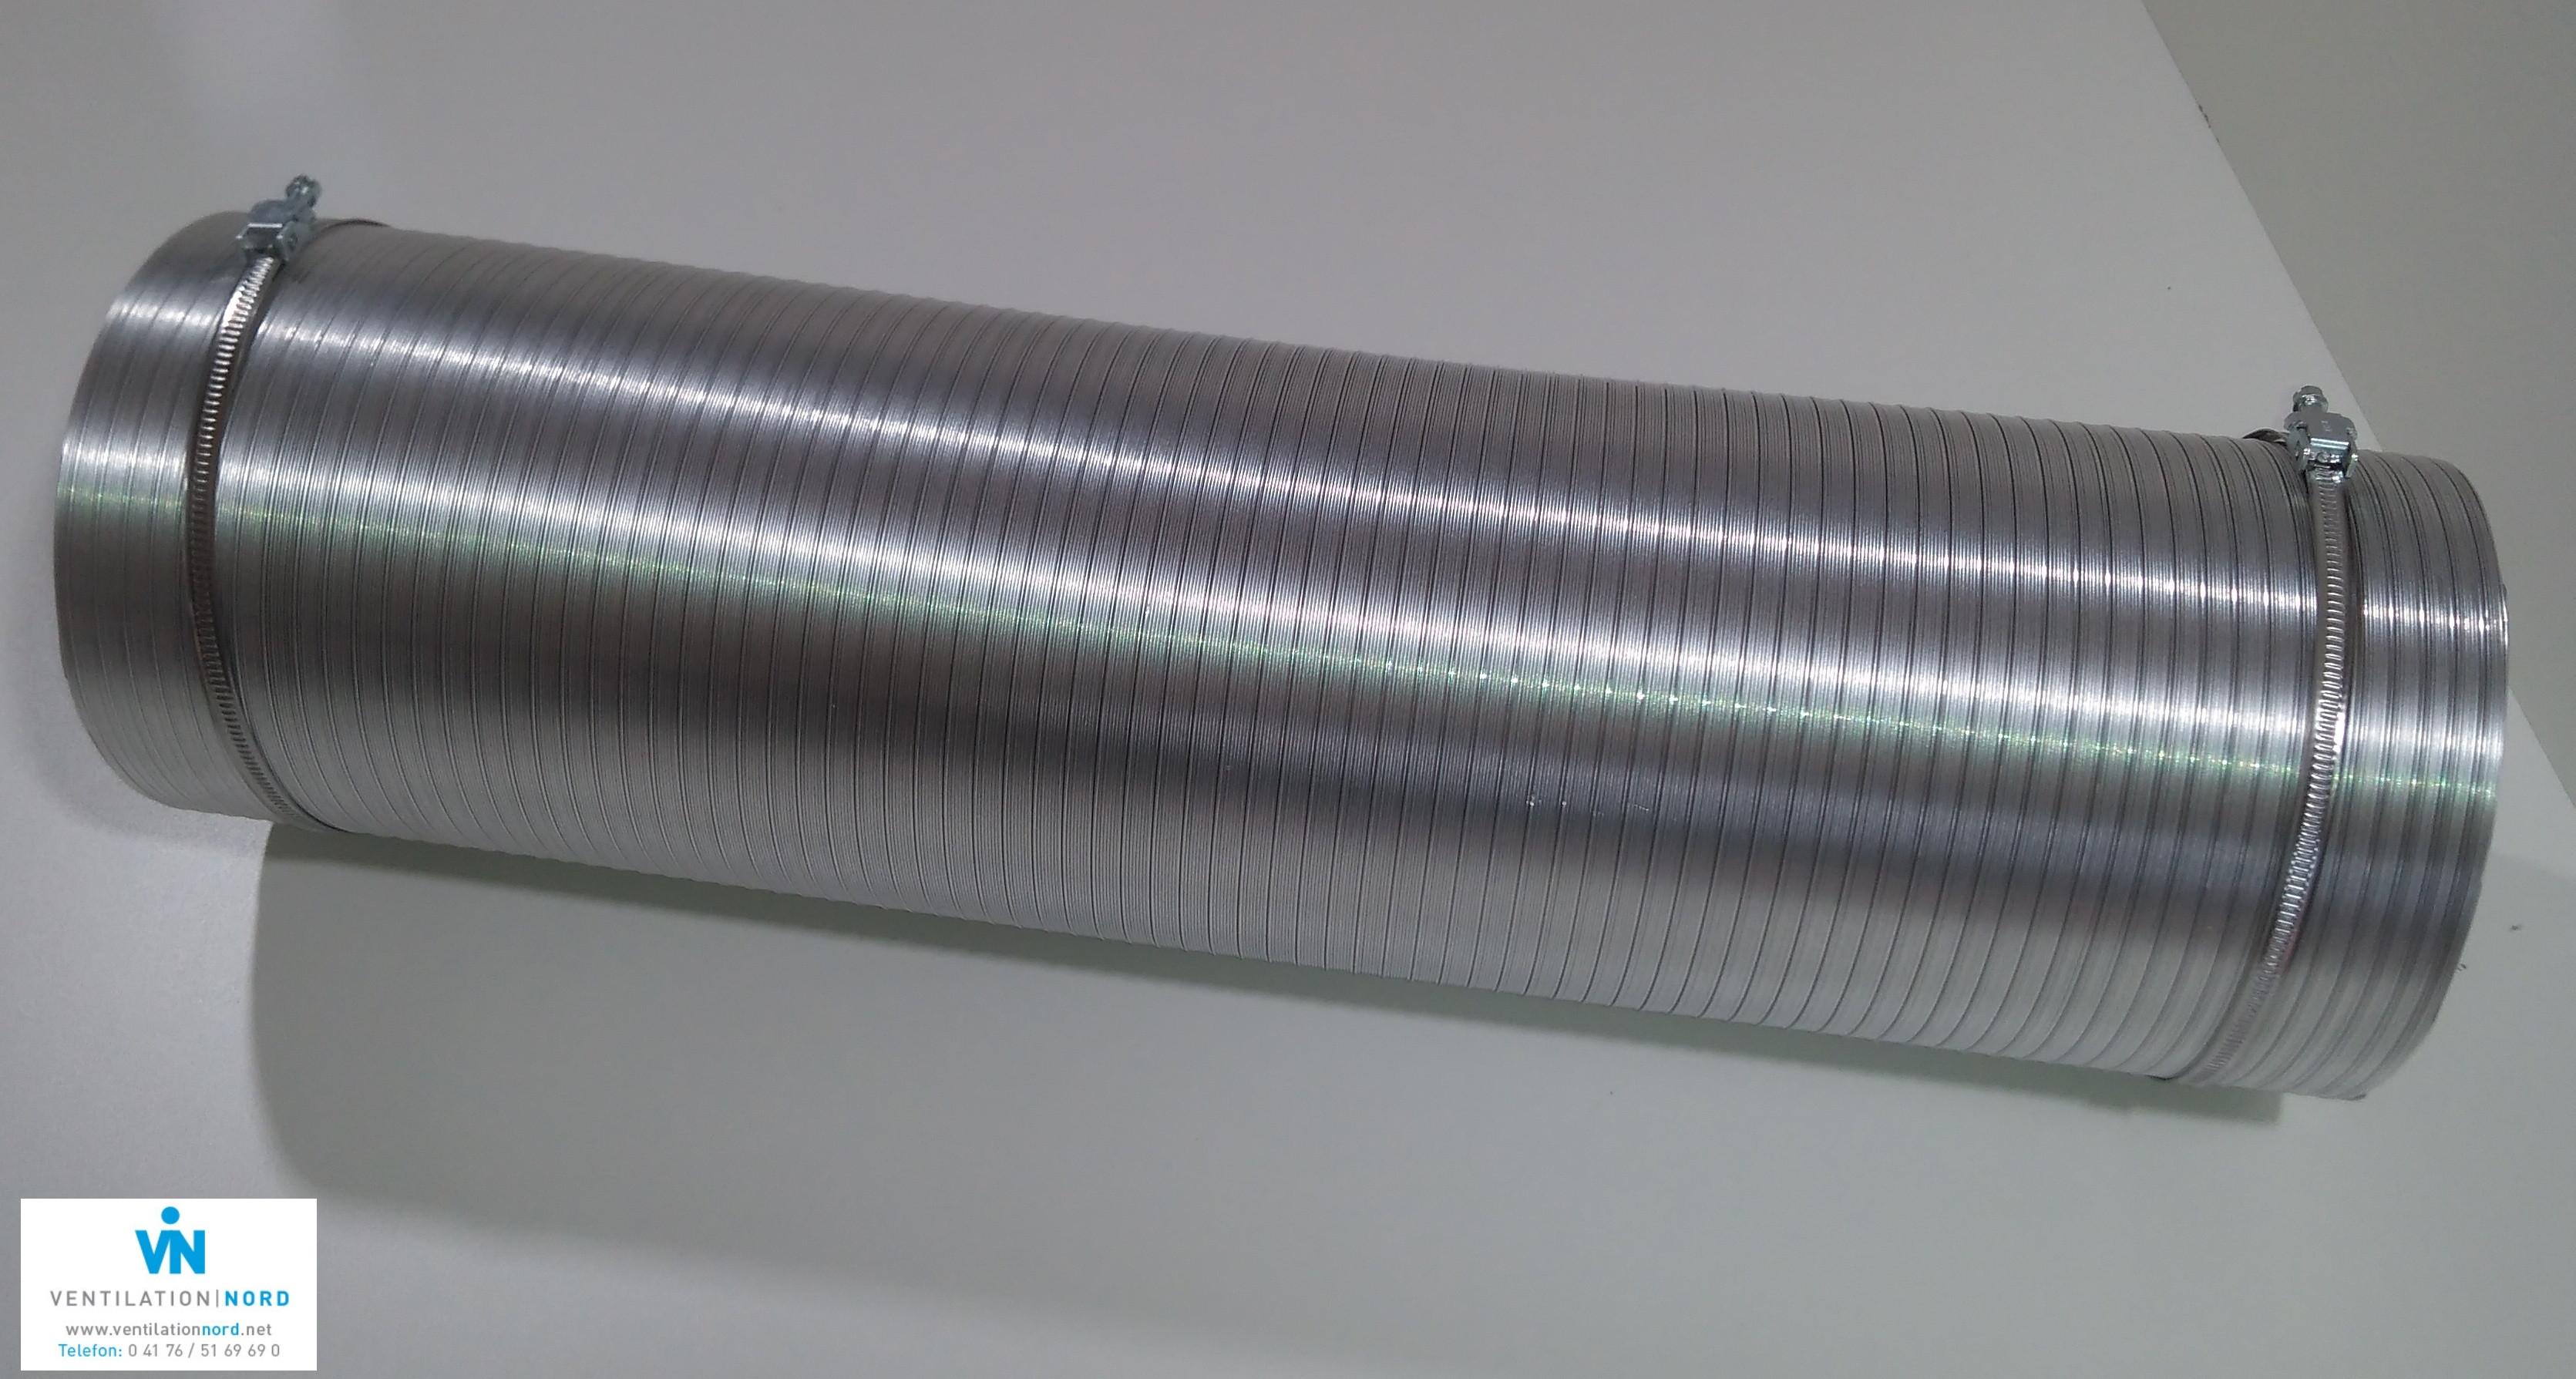 Aluflex Schlauch VentilationNord Schlauchschelle